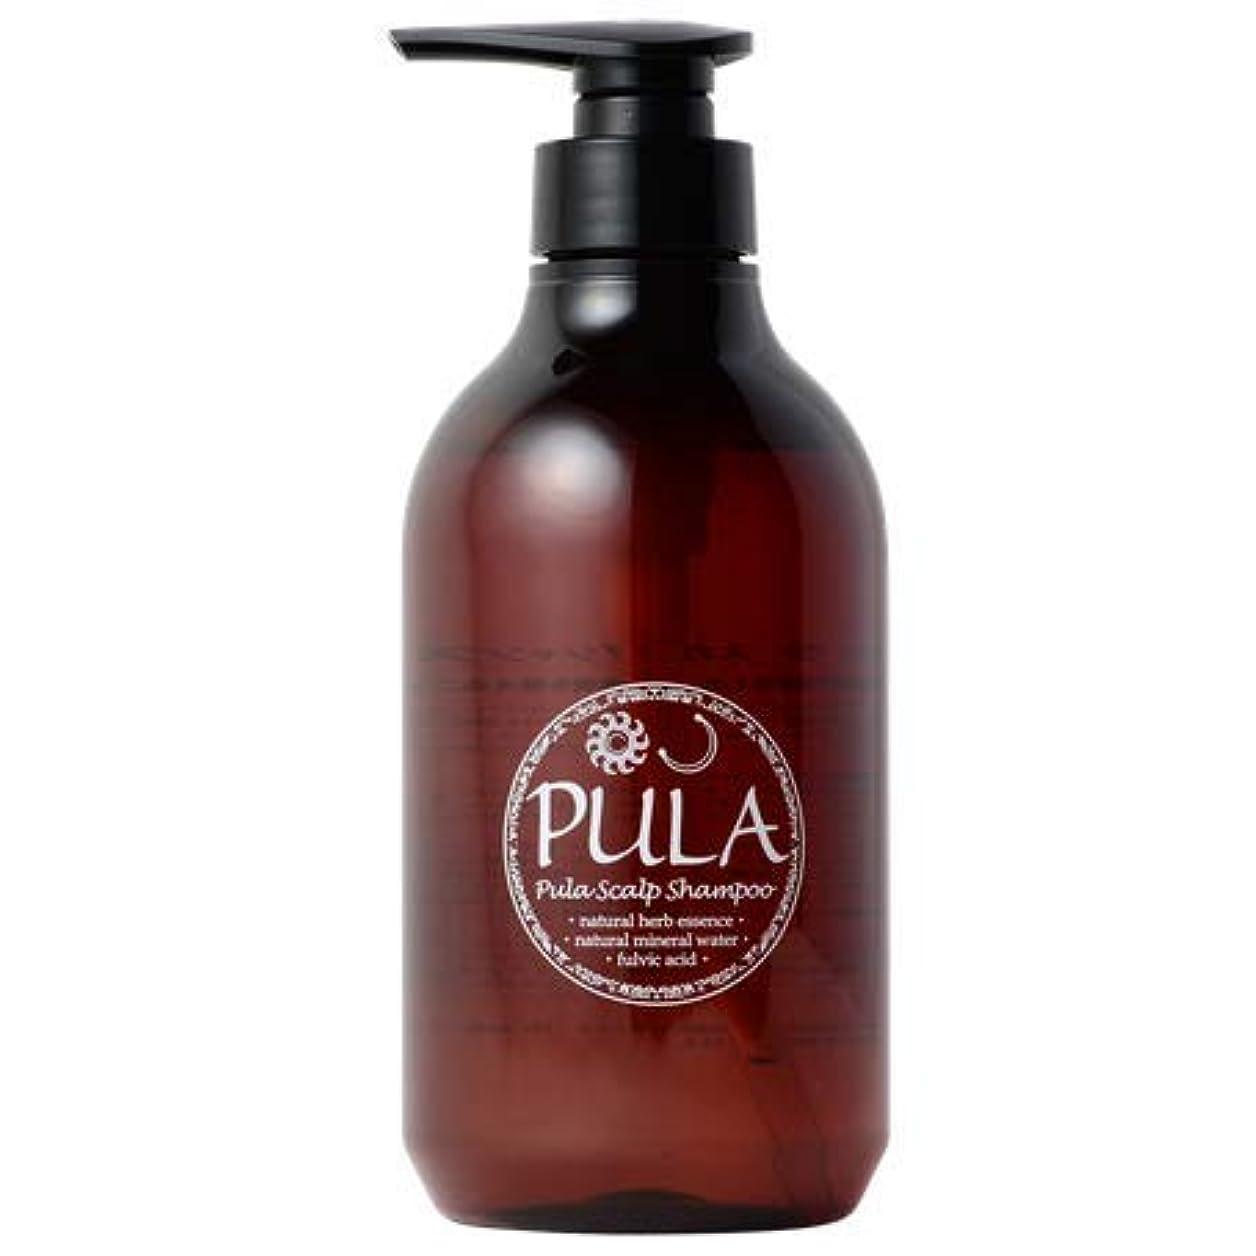 ミット合わせて受賞プーラ スカルプ シャンプー 500ml 【 天然フレグランス/頭皮に優しい 】 ヘッドスパ専門店 PULA 自然由来配合